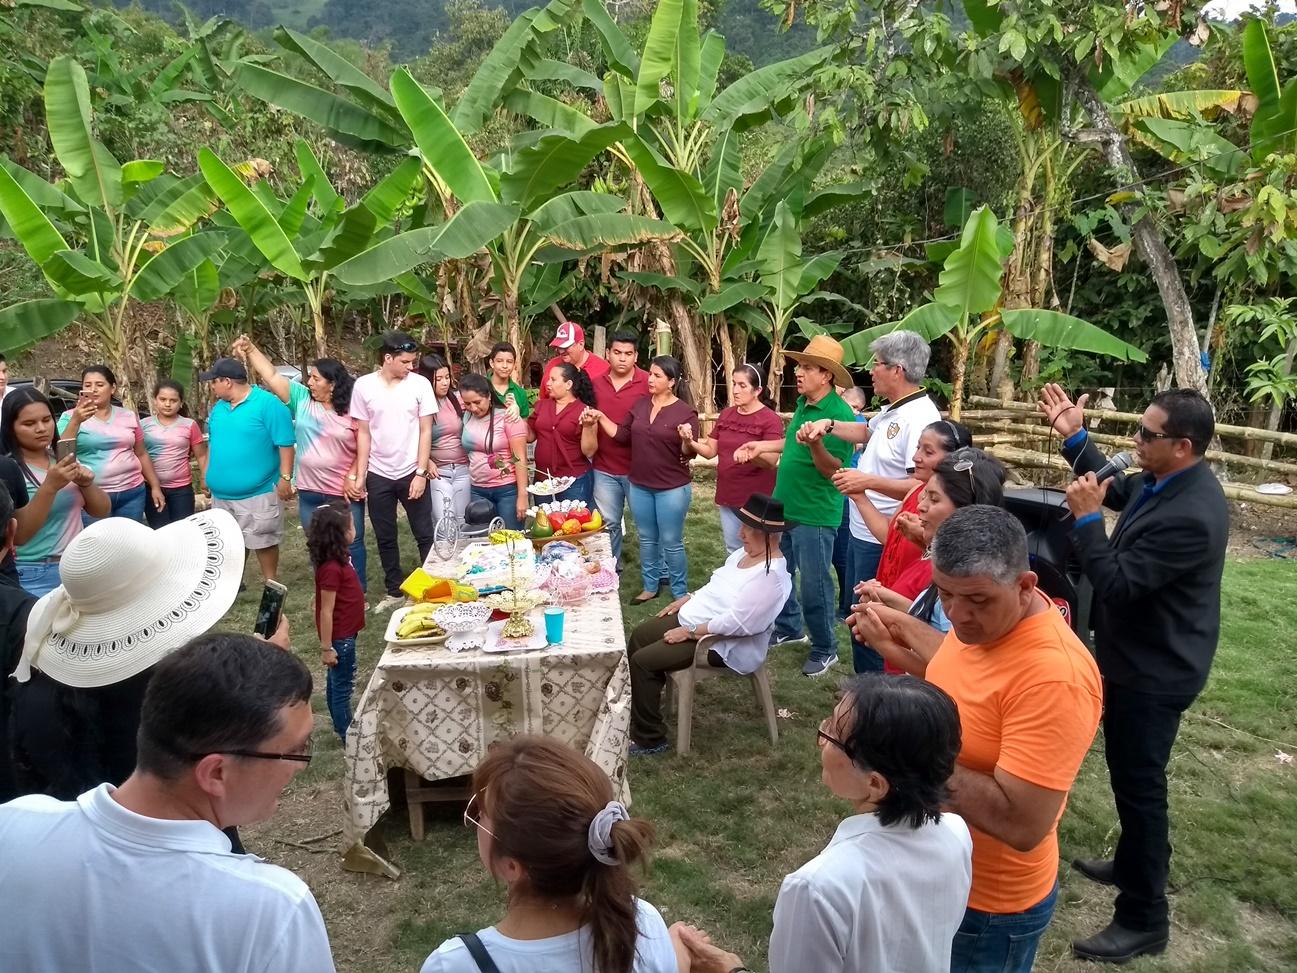 El momento de cantar y bailar la melodía Brindo por la familia, animada por Anthony Barberán.